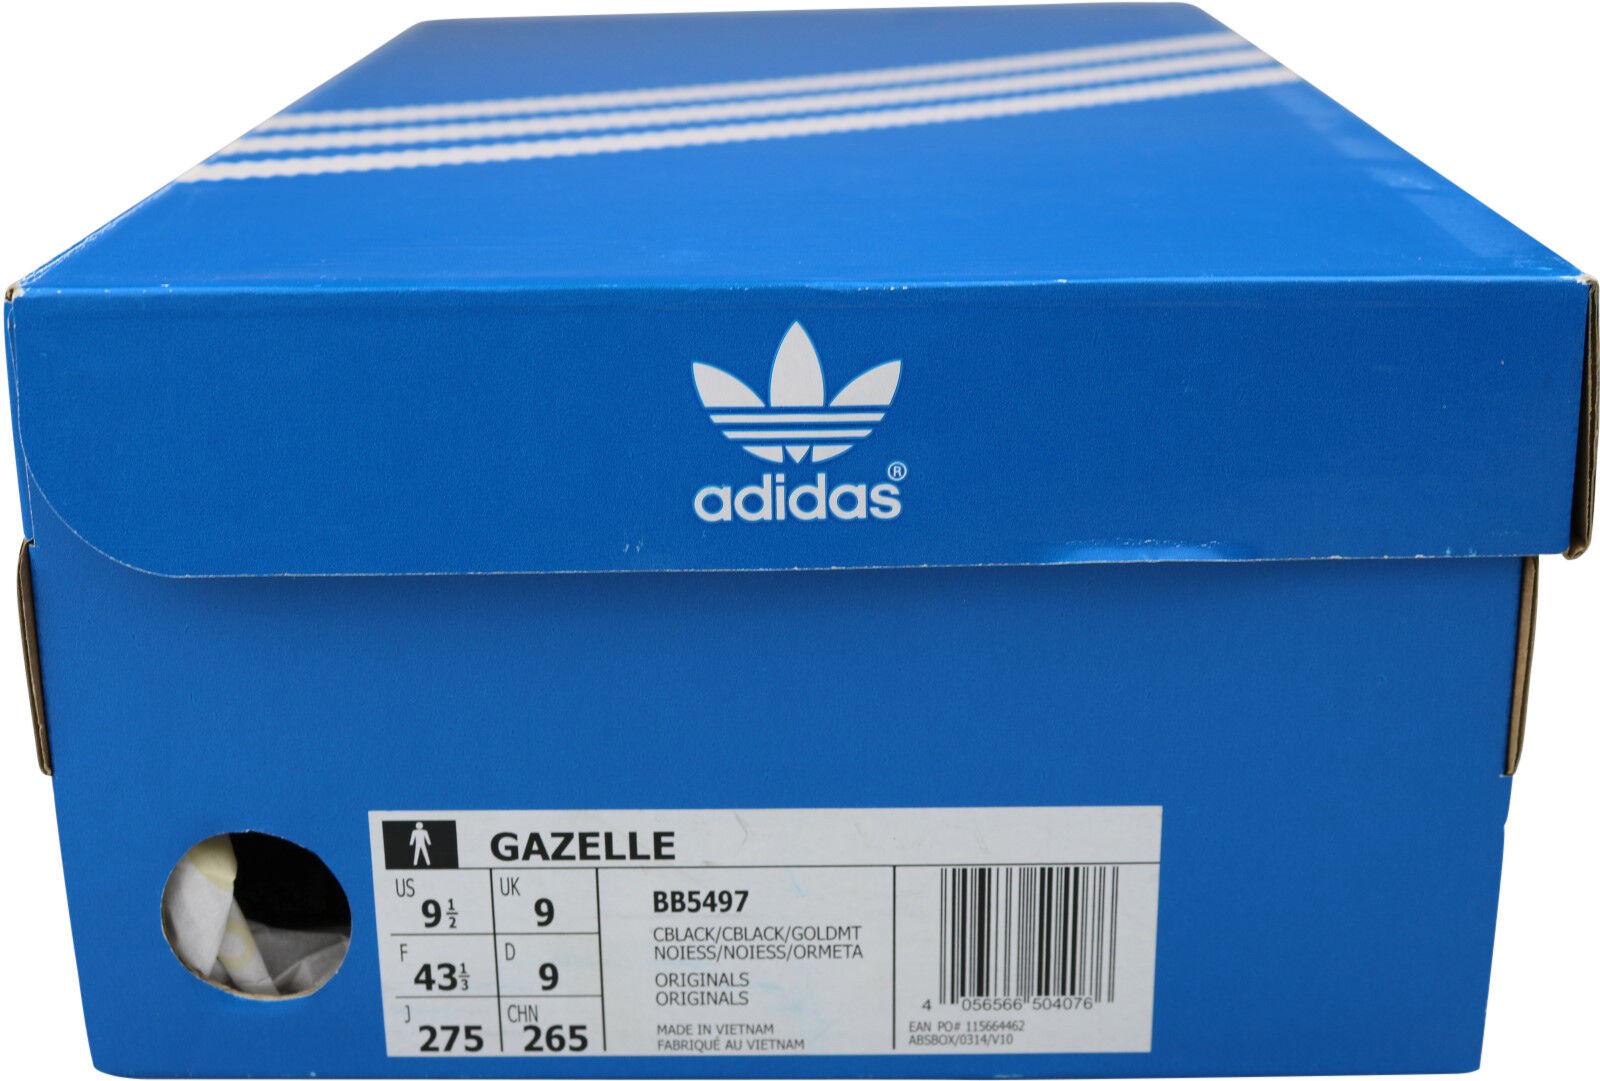 Adidas Originals Gazelle Sneaker Schuhe BB5497 schwarz Gr. 36,5 OVP - 43 NEU & OVP 36,5 fb7354